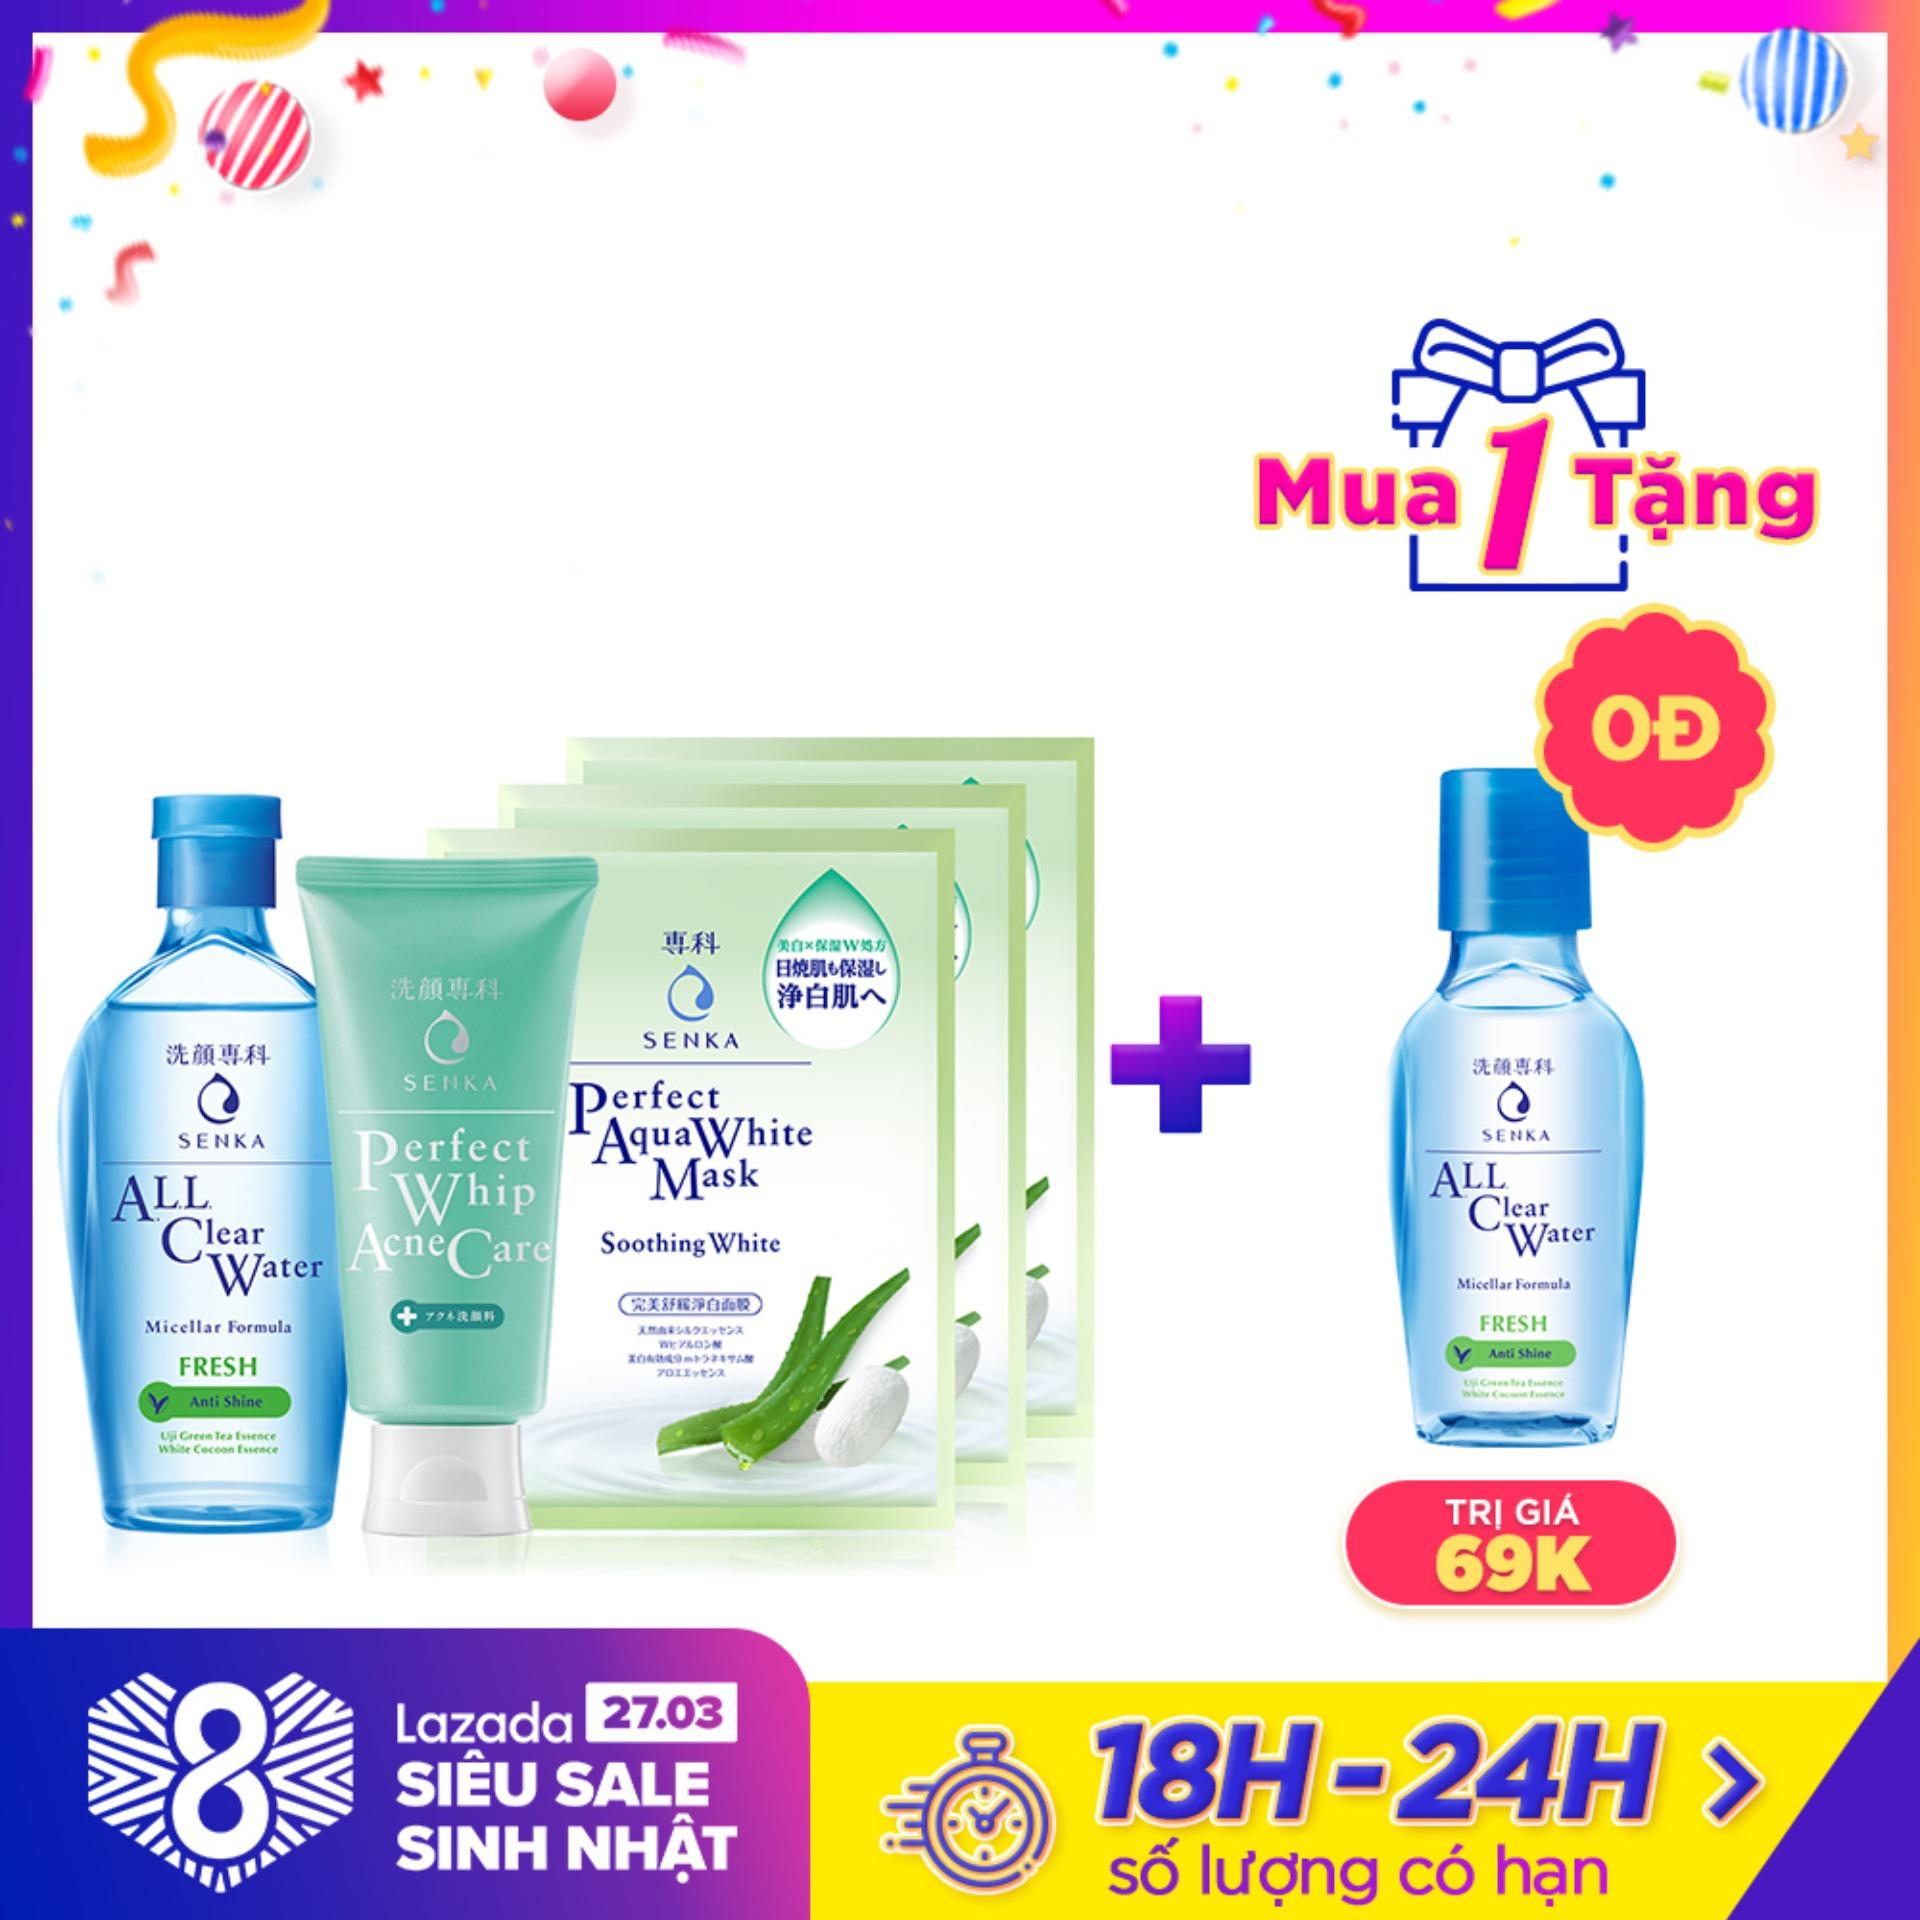 Bộ sản phẩm dành cho da mụn Senka (A.L.L Clear Water Fresh 230ml+SRM Acne Care 100g+Mặt nạ soothing 25mlx3)